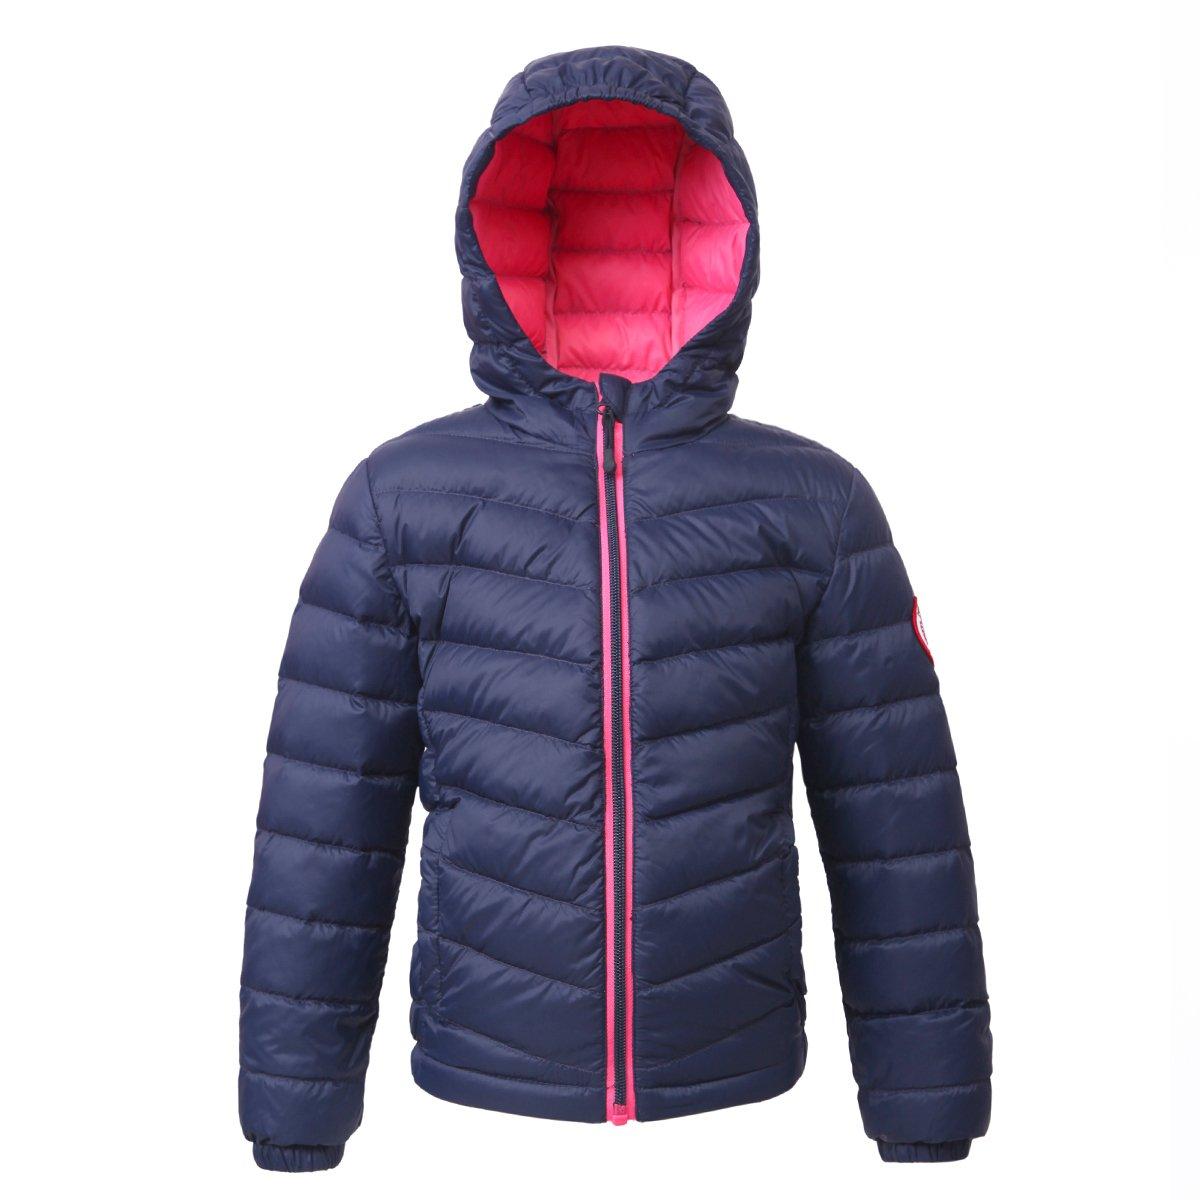 Rokka&Rolla Girls' Ultra Lightweight Hooded Packable Puffer Down Jacket,Dark Navy,M (8)